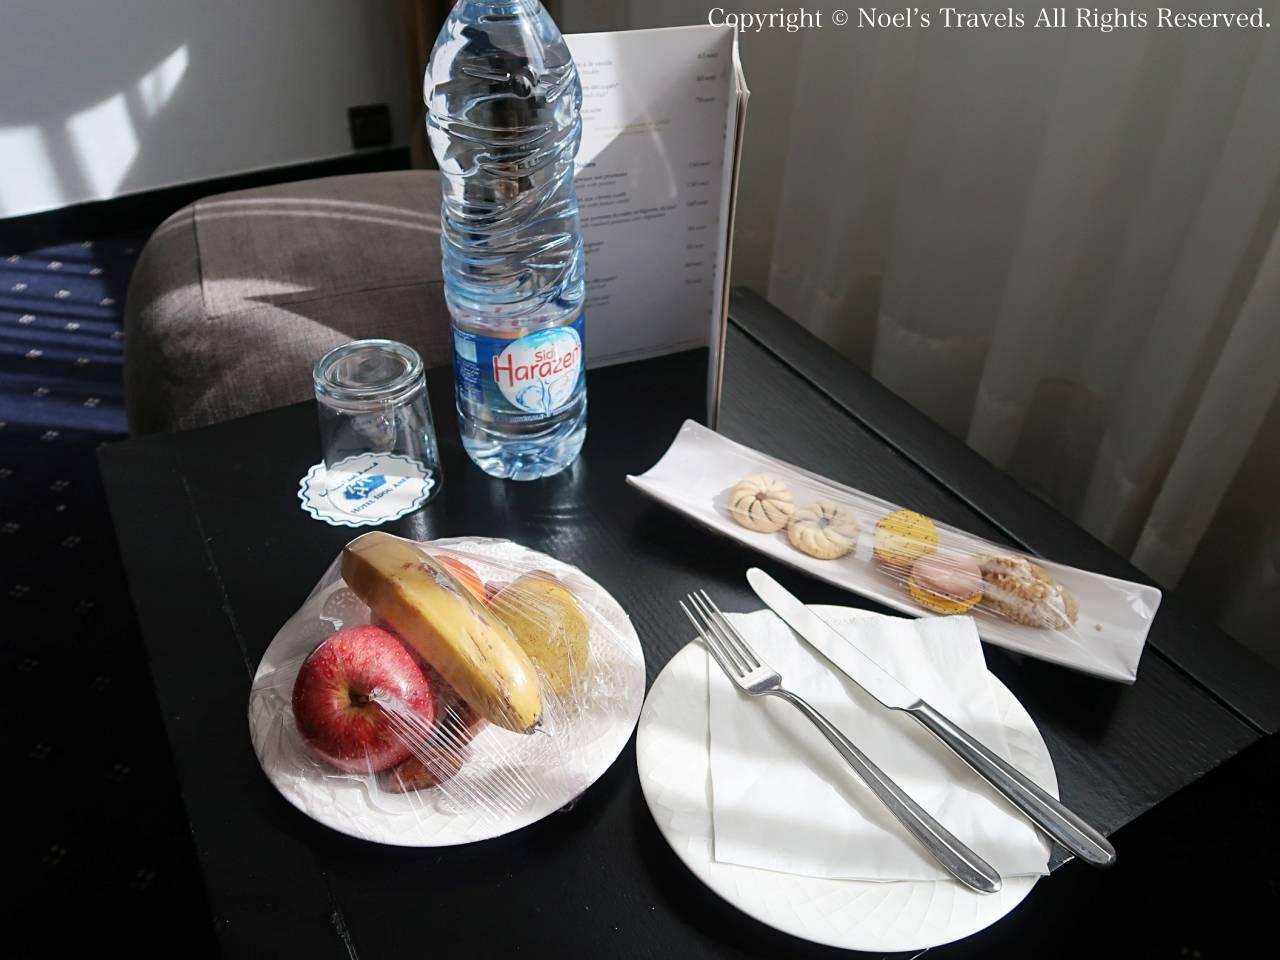 カサブランカのホテル「Idou Anfa」